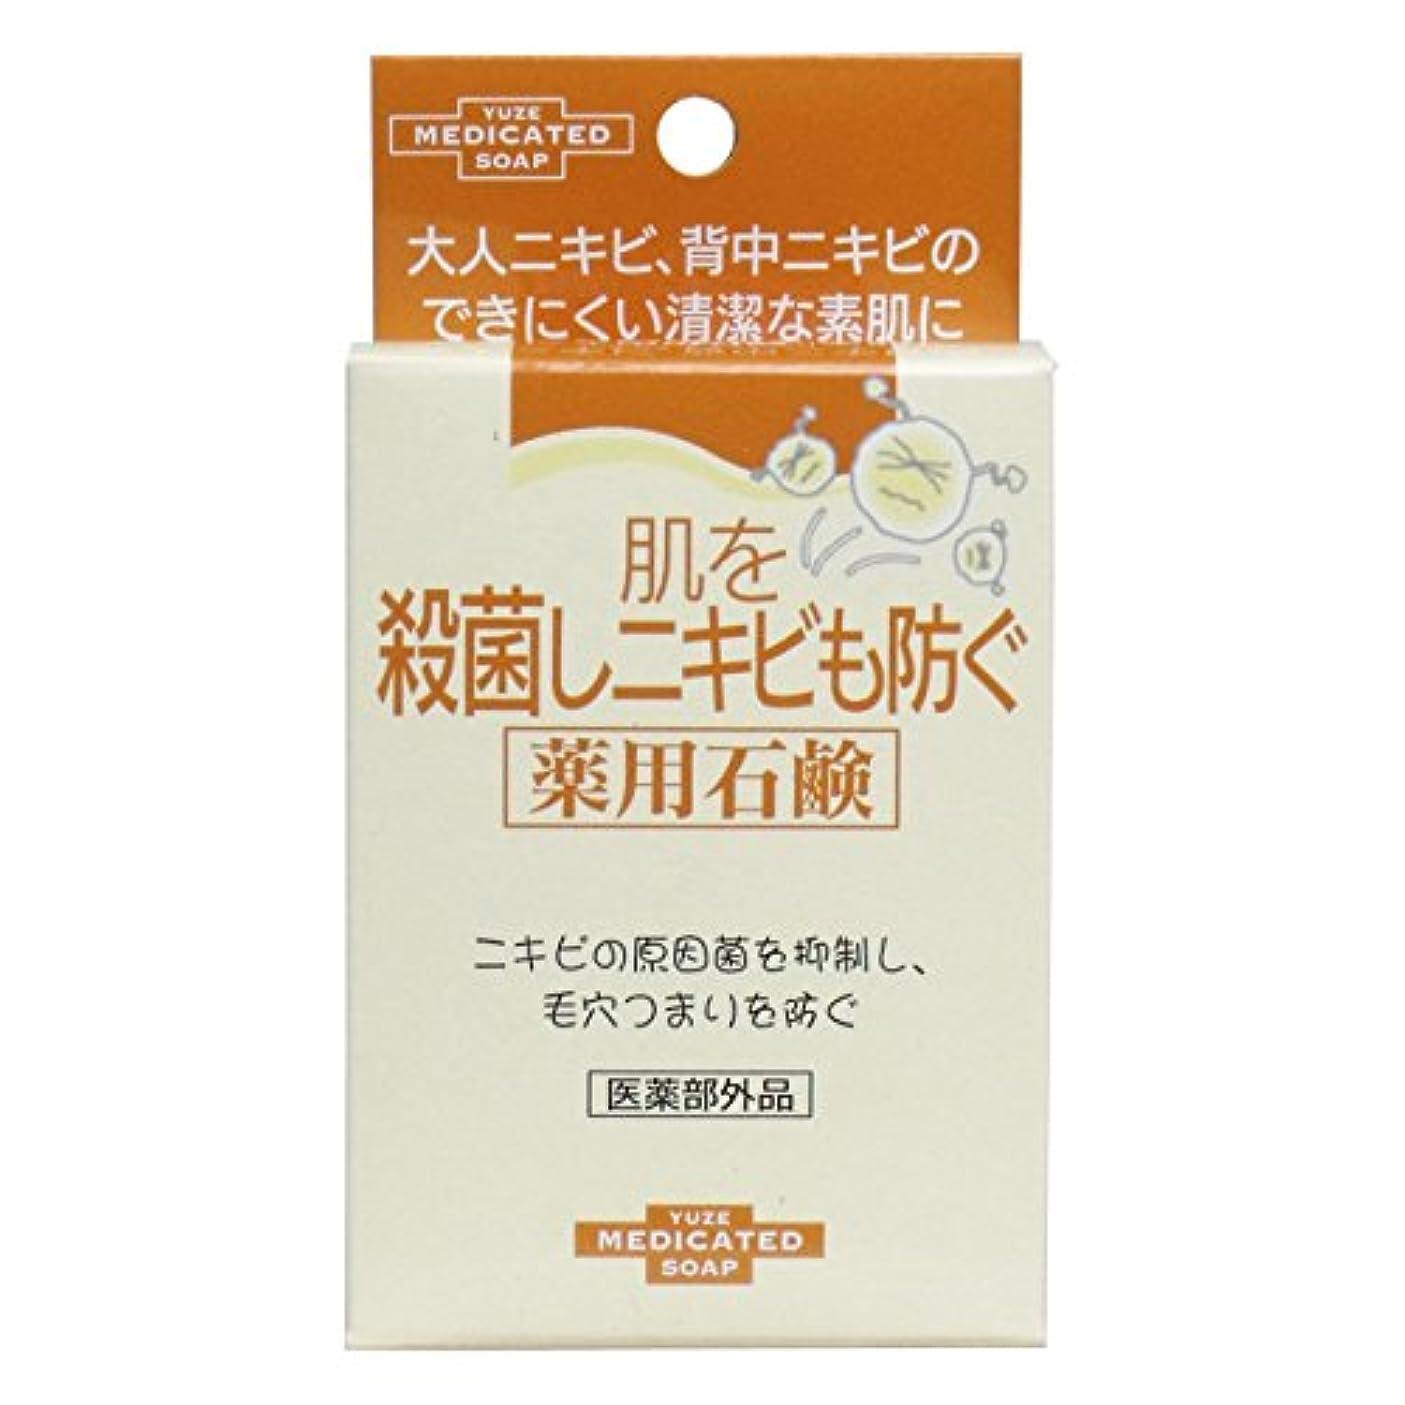 充実閉じ込めるパドルユゼ 肌を殺菌しニキビも防ぐ薬用石鹸 (110g)